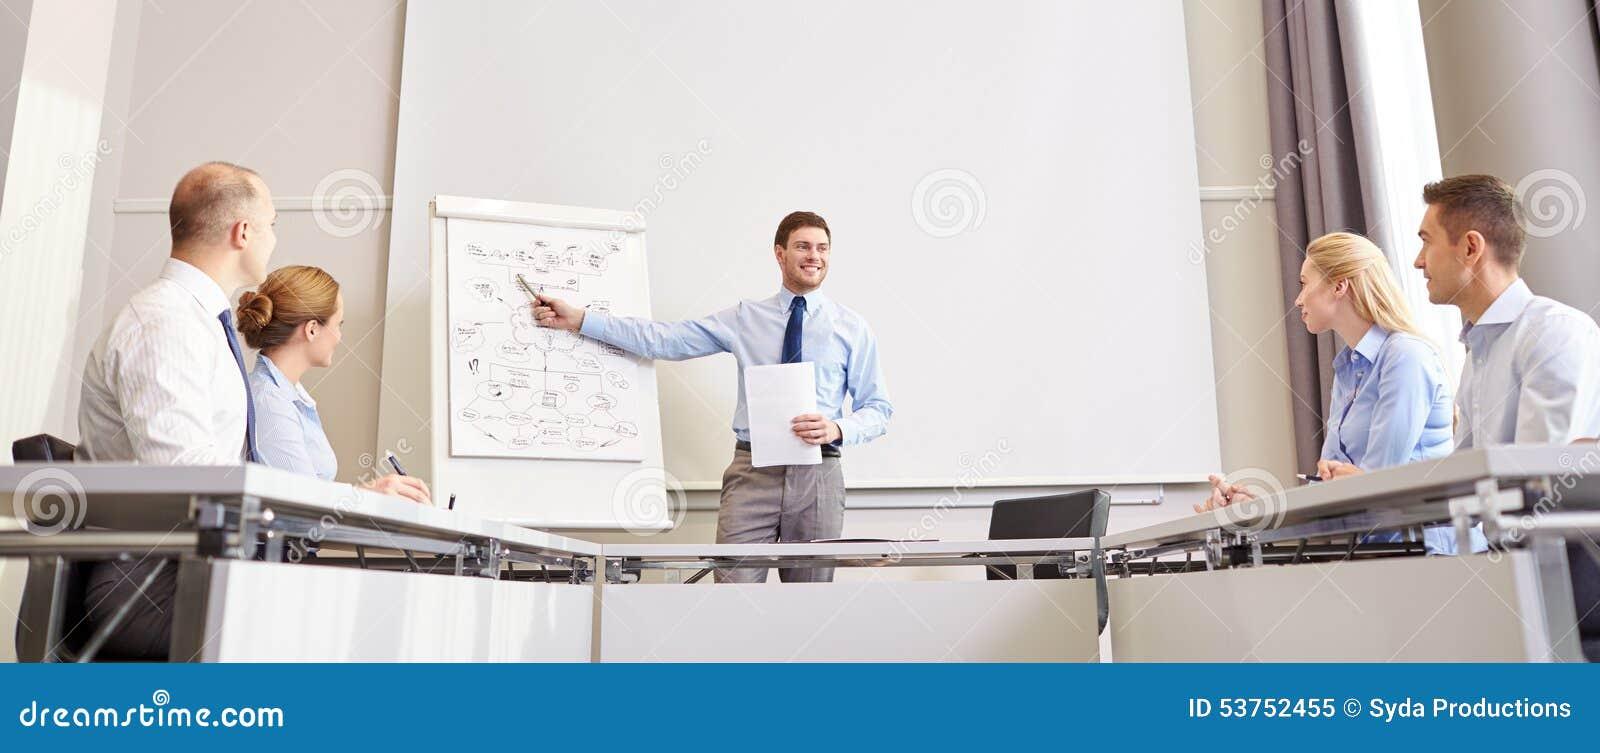 Ομάδα χαμογελώντας businesspeople συνεδρίασης στην αρχή